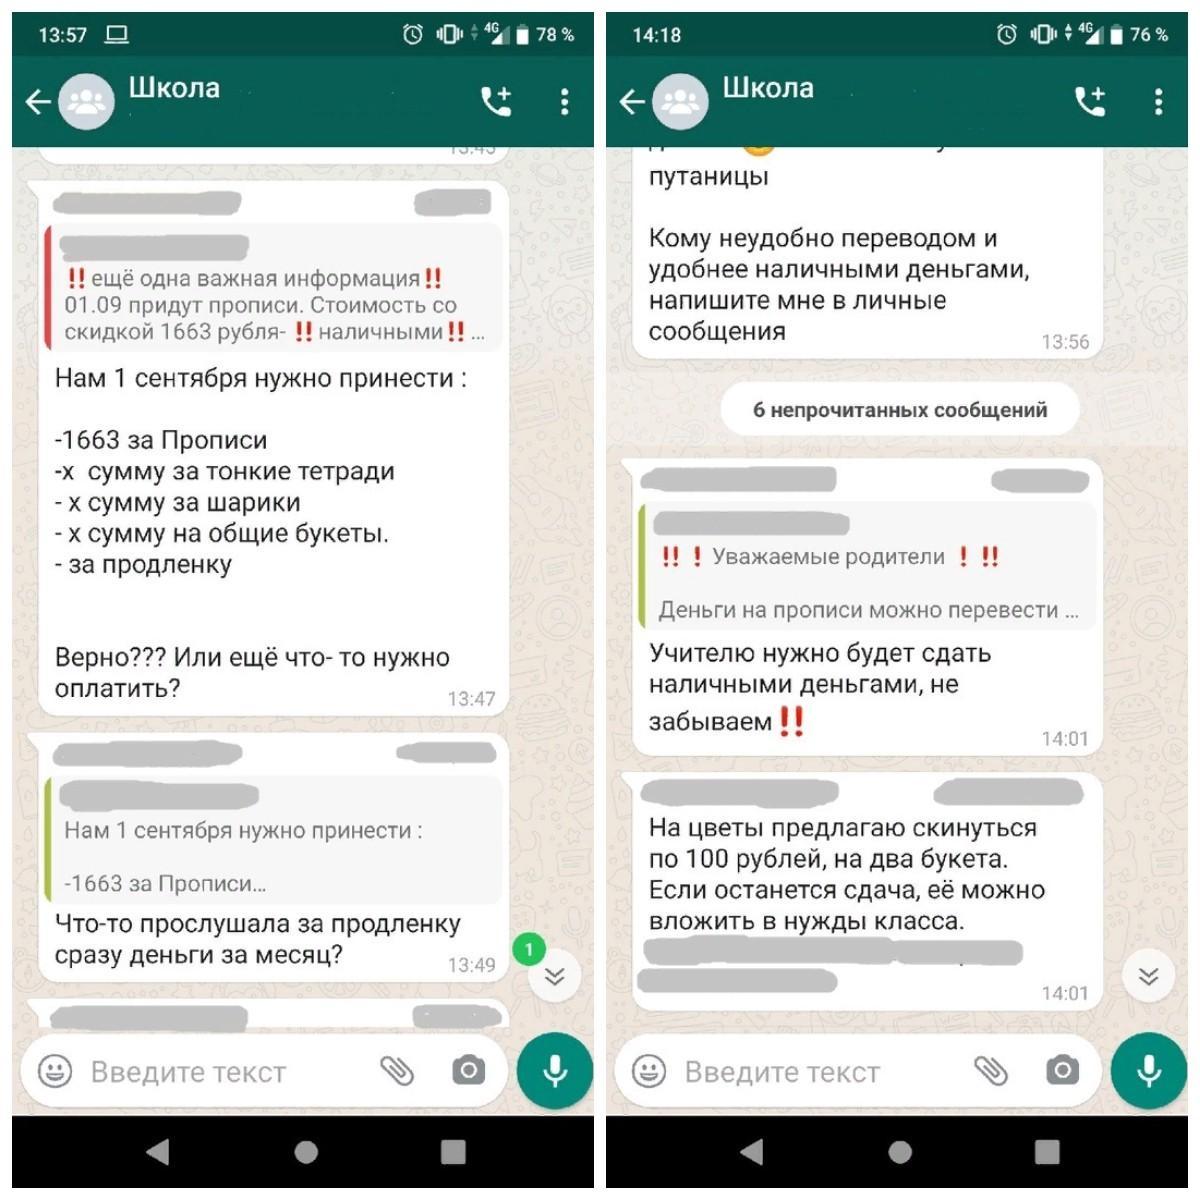 фото В Новосибирске родителям предложили сдать деньги на прописи и букеты к 1 Сентября 3